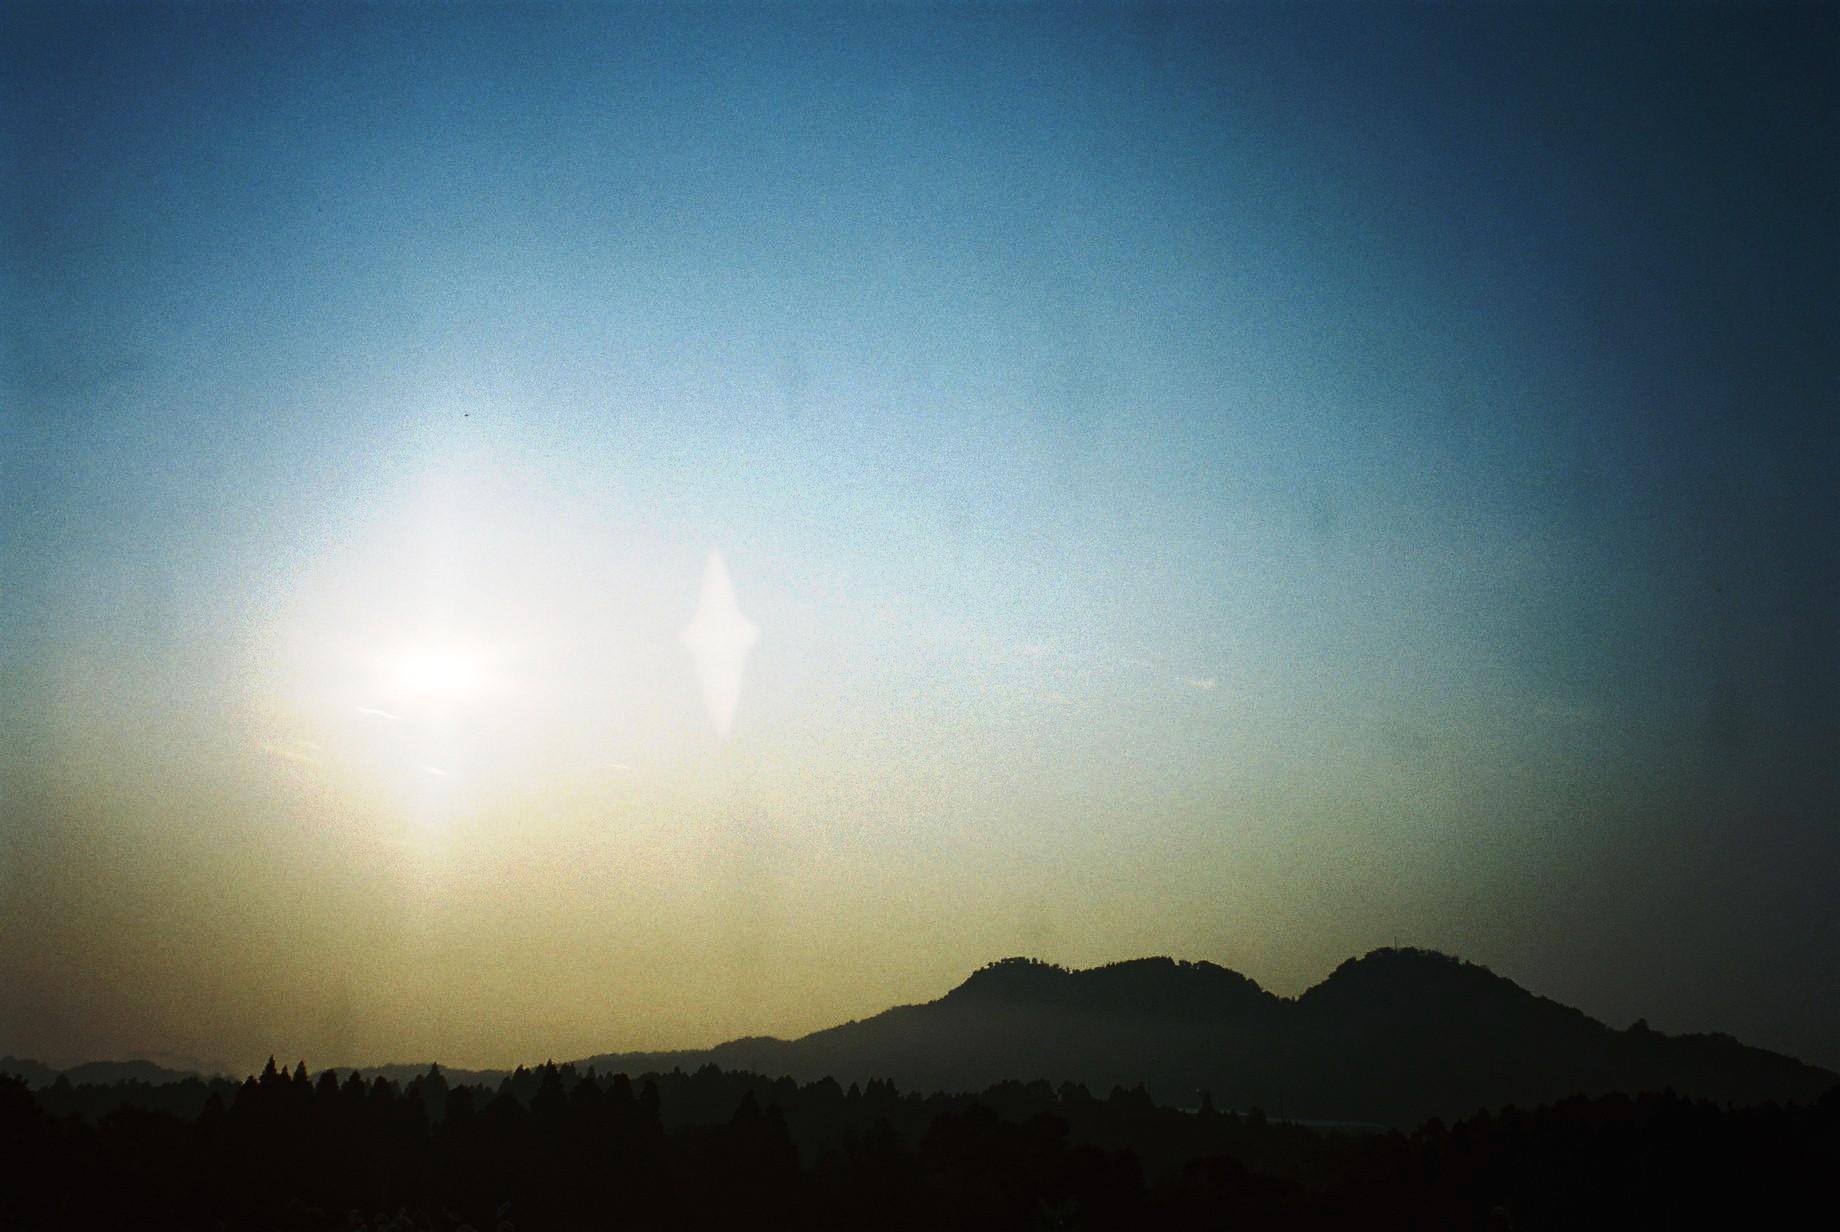 聖なるお山・・「白鹿山」から昇る朝陽_a0174458_14574966.jpg